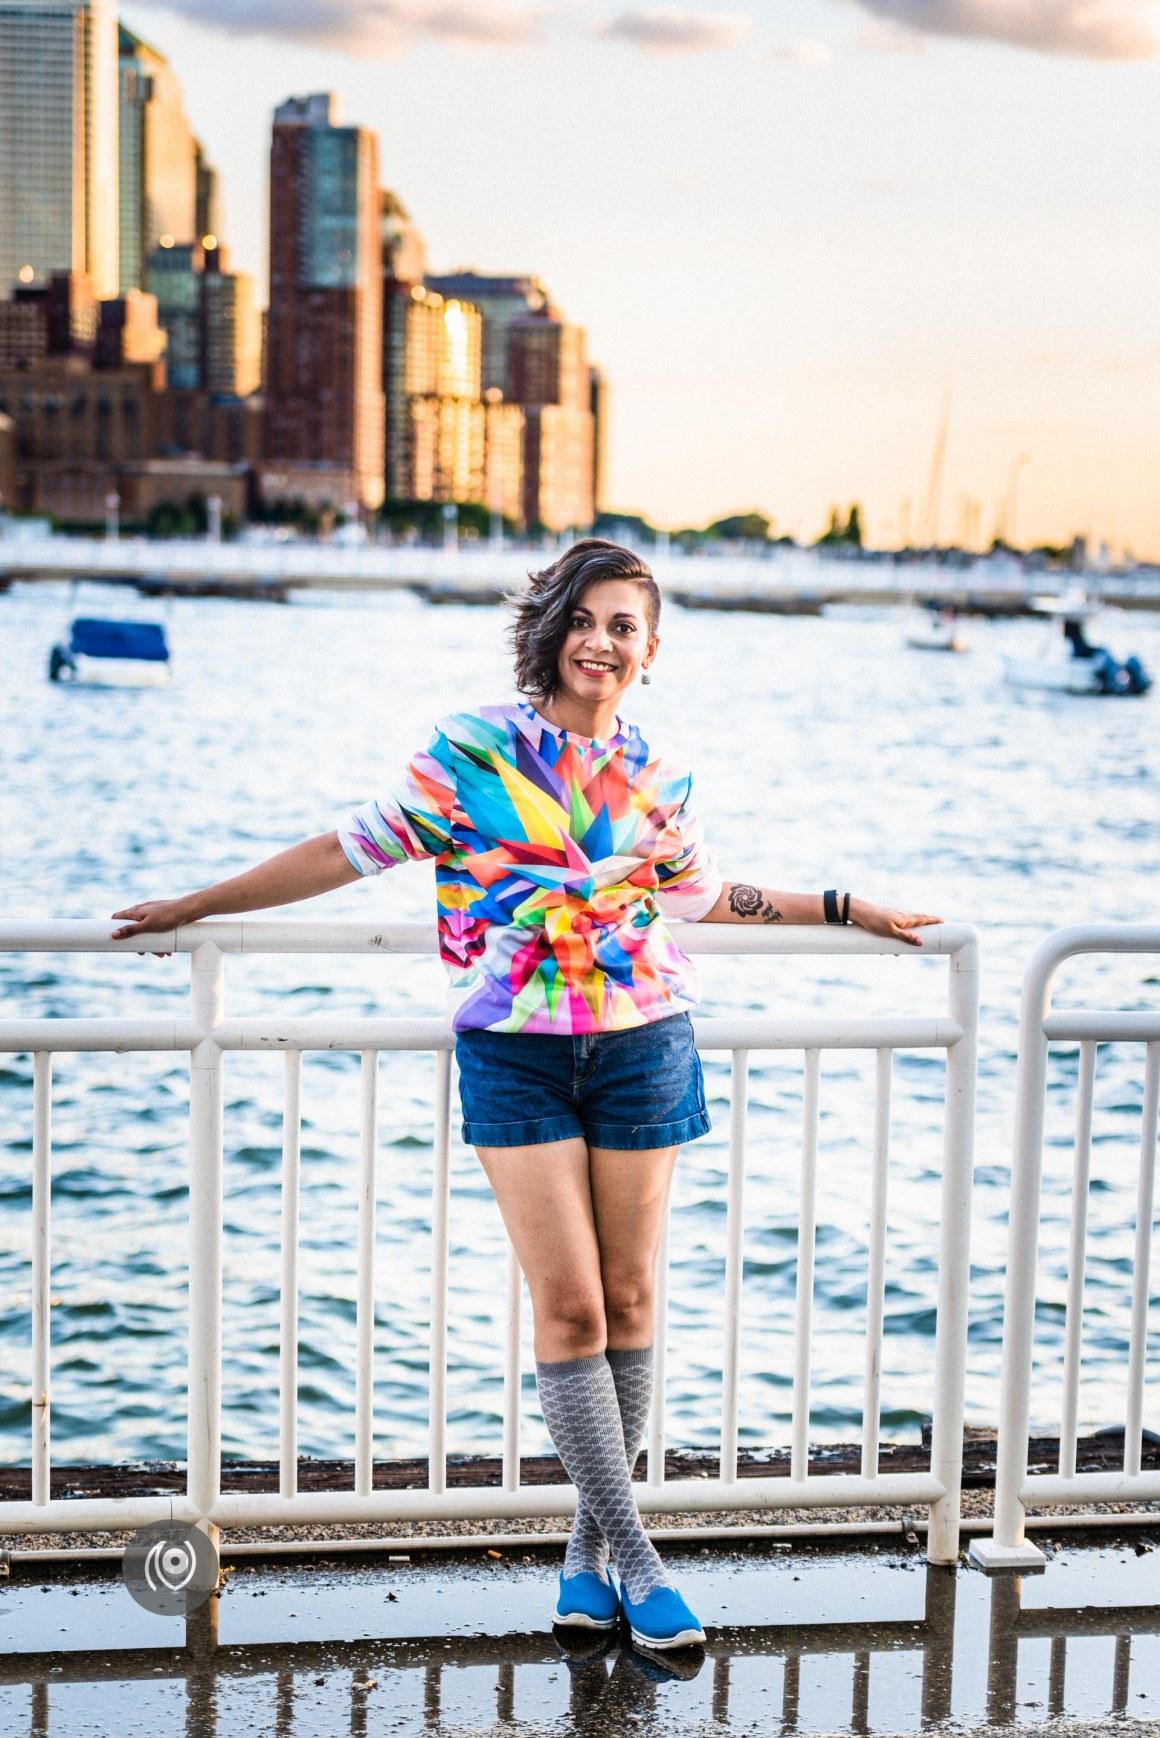 Live Heroes Okudart #NYFW #CoverUp 57 #EyesForNewYork #REDHUxNYC Naina.co Luxury & Lifestyle, Photographer Storyteller, Blogger